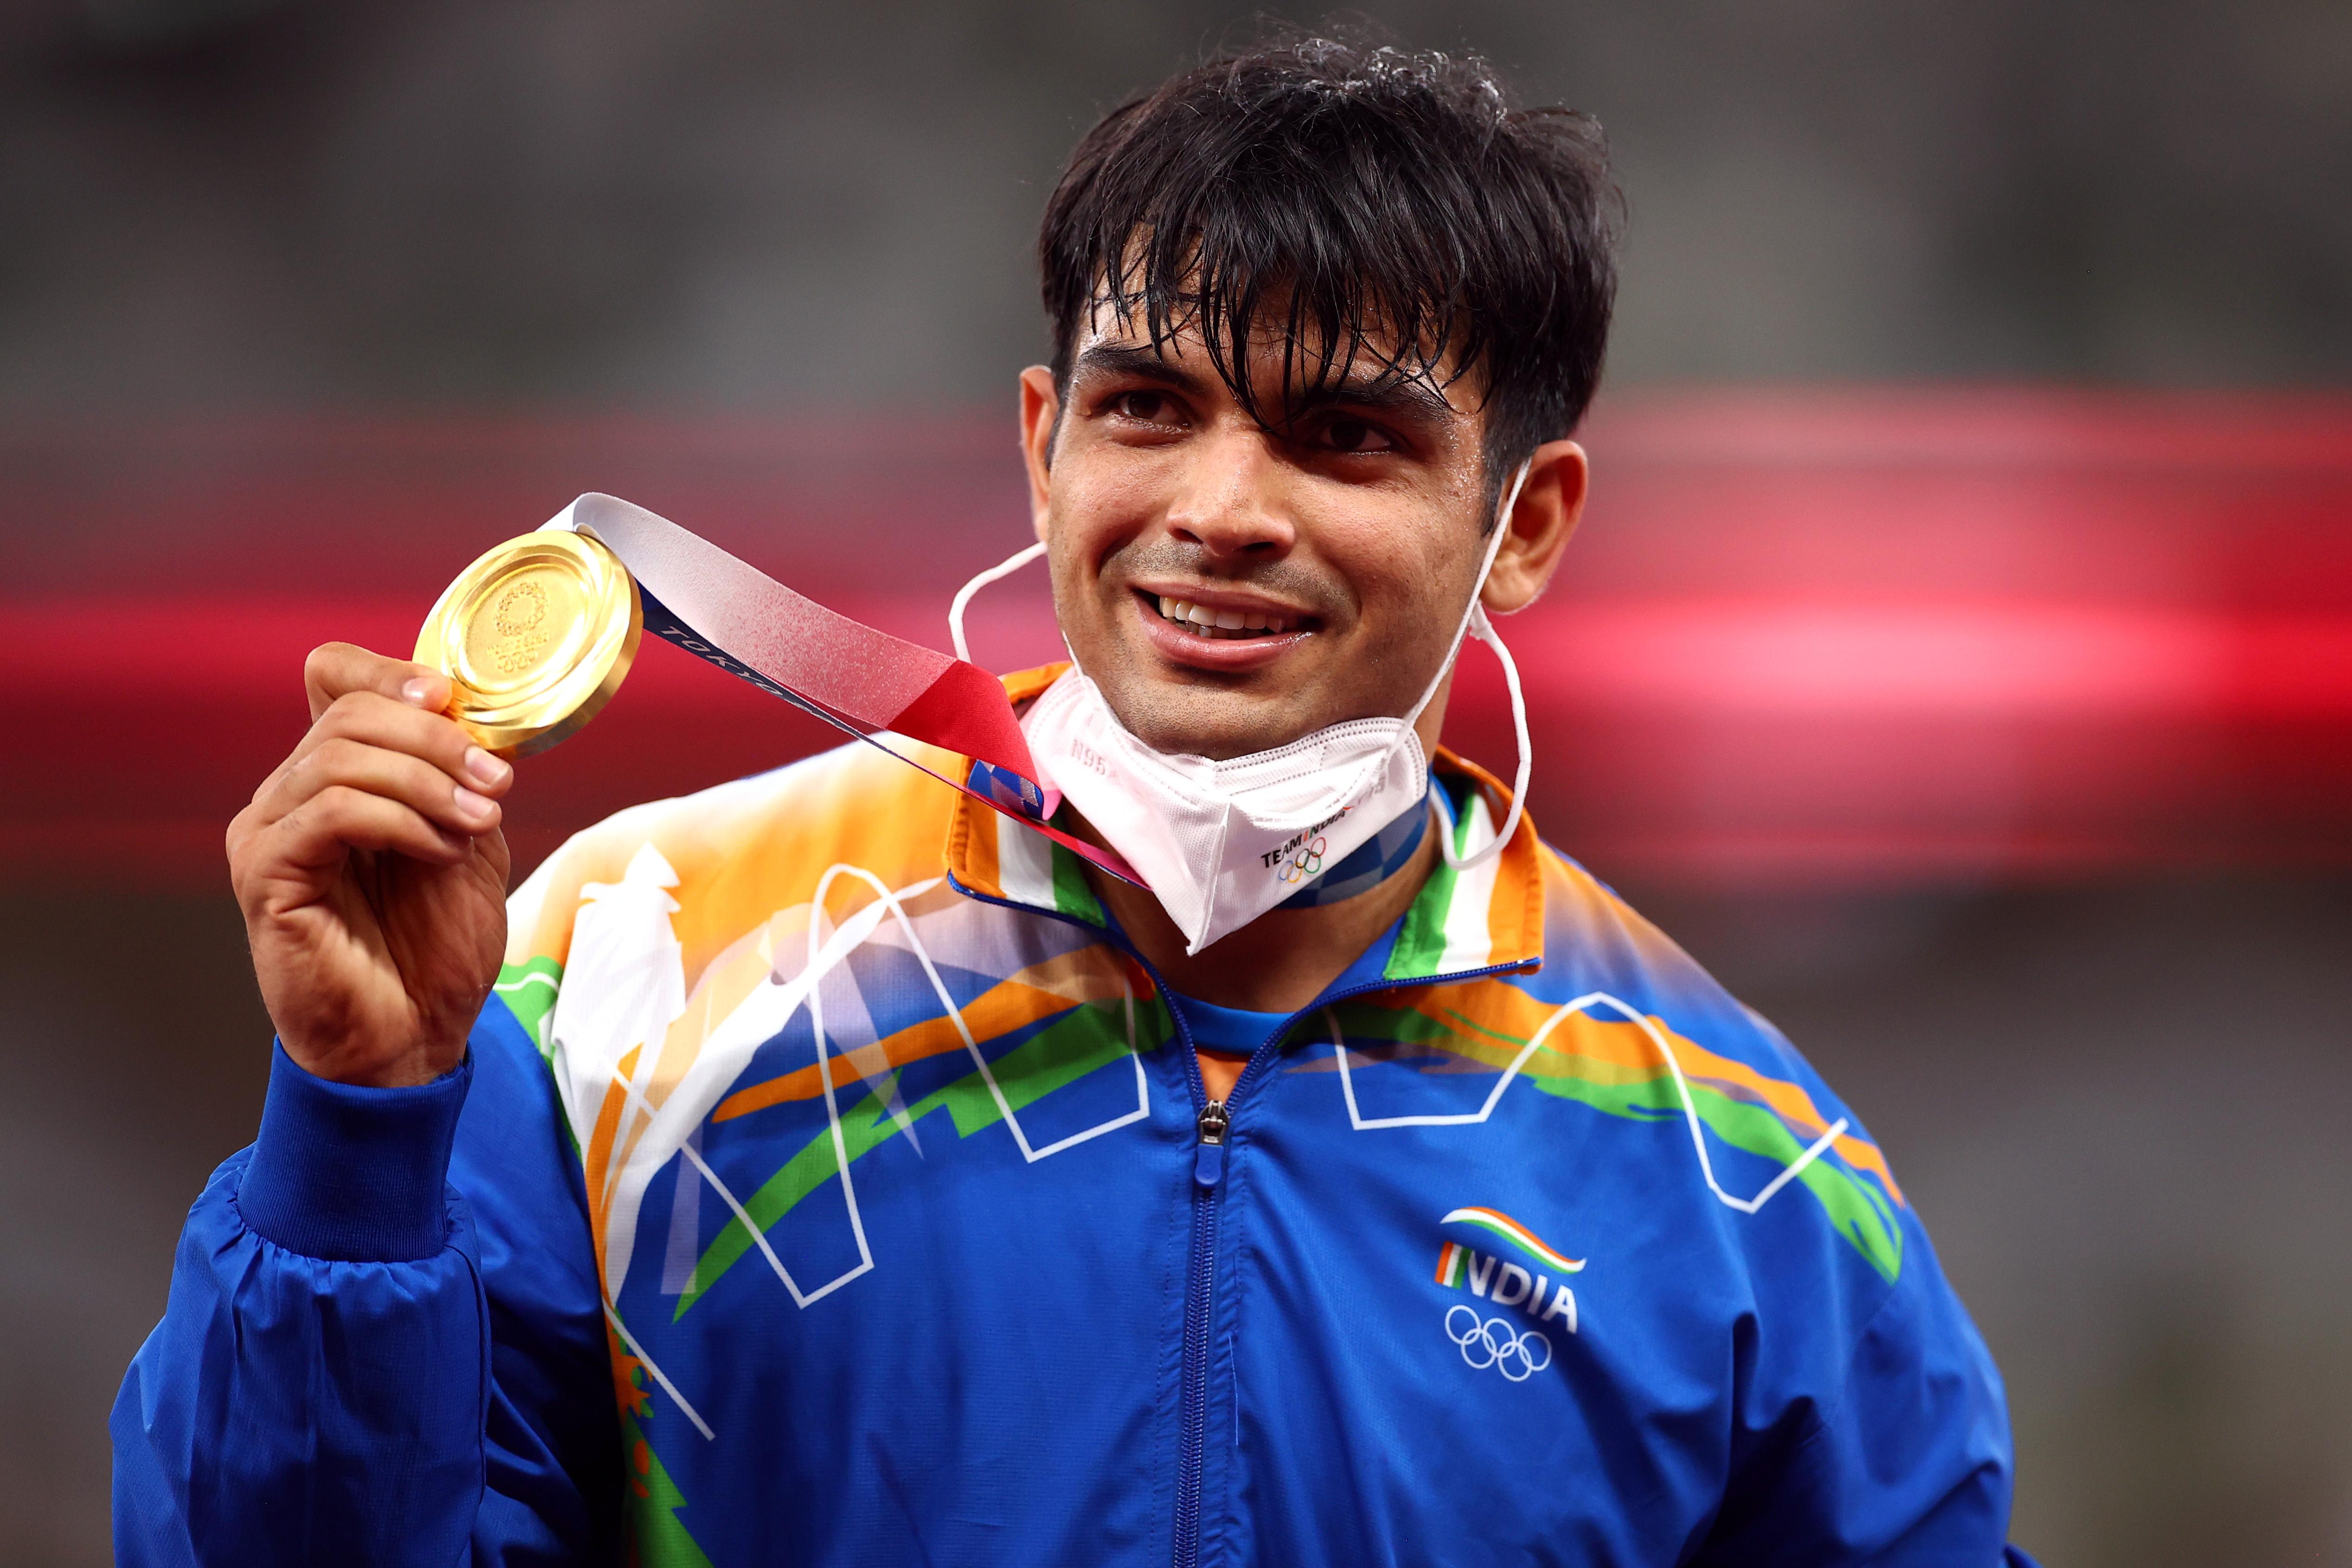 भारत ने एथलेटिक्स में पहला गोल्ड मेडल जीता है। नीरज ने ओलिंपिक के इस इवेंट में 121 साल के सूखे को खत्म किया।